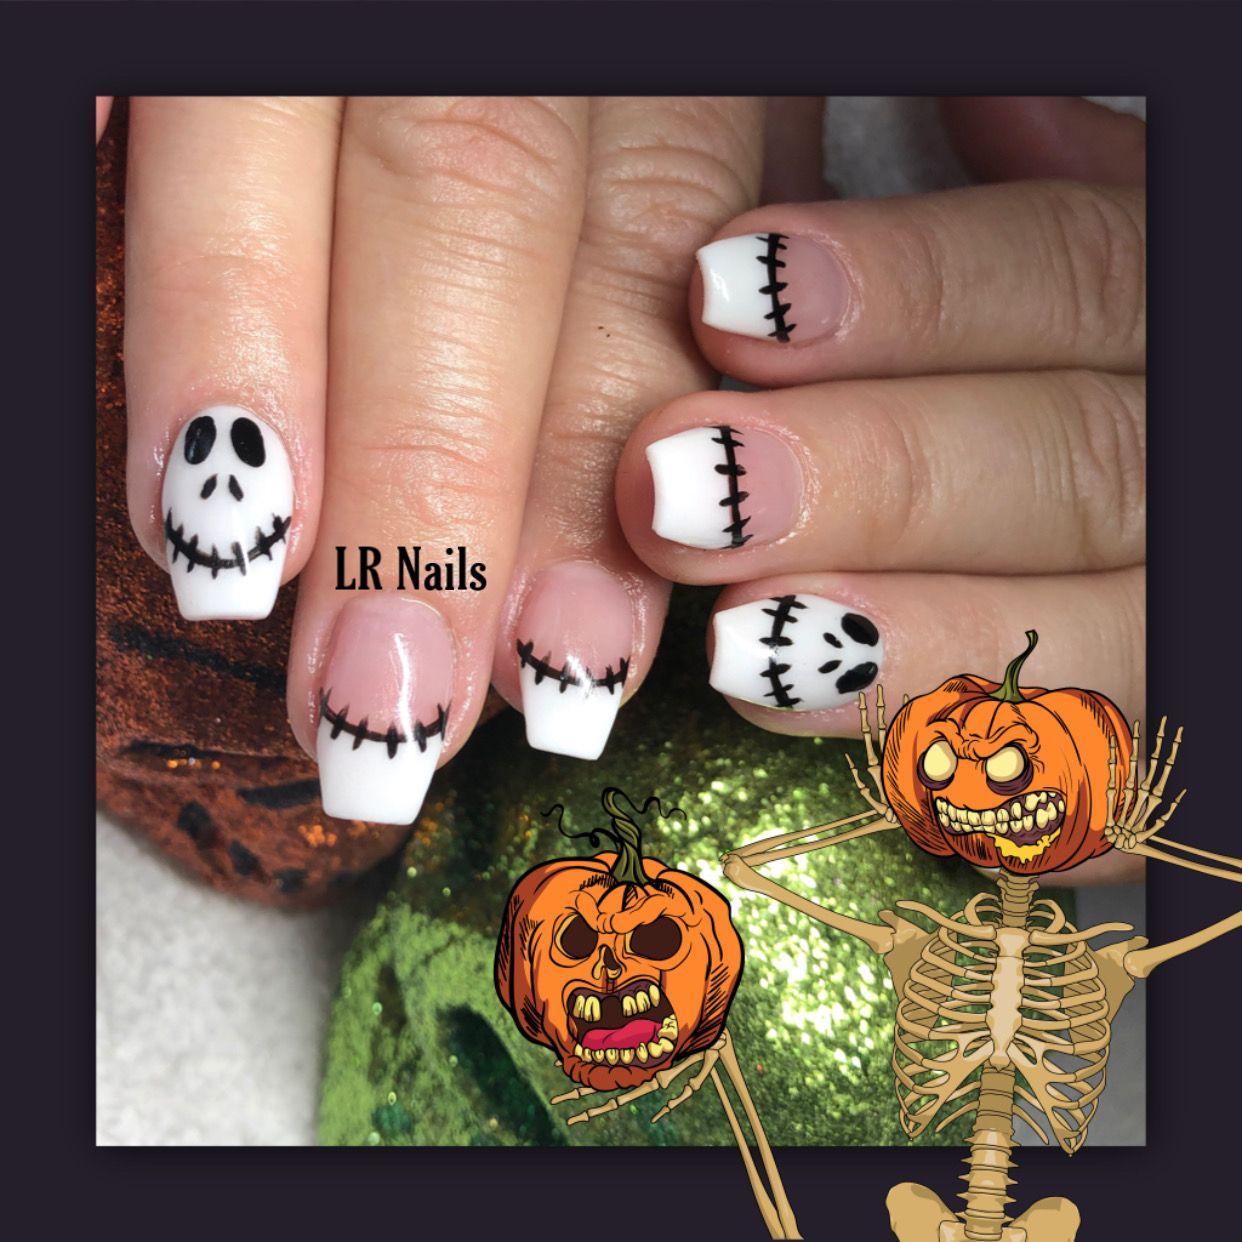 Jack Skeleton nails | Nails, Enamel pins, Jack skeleton